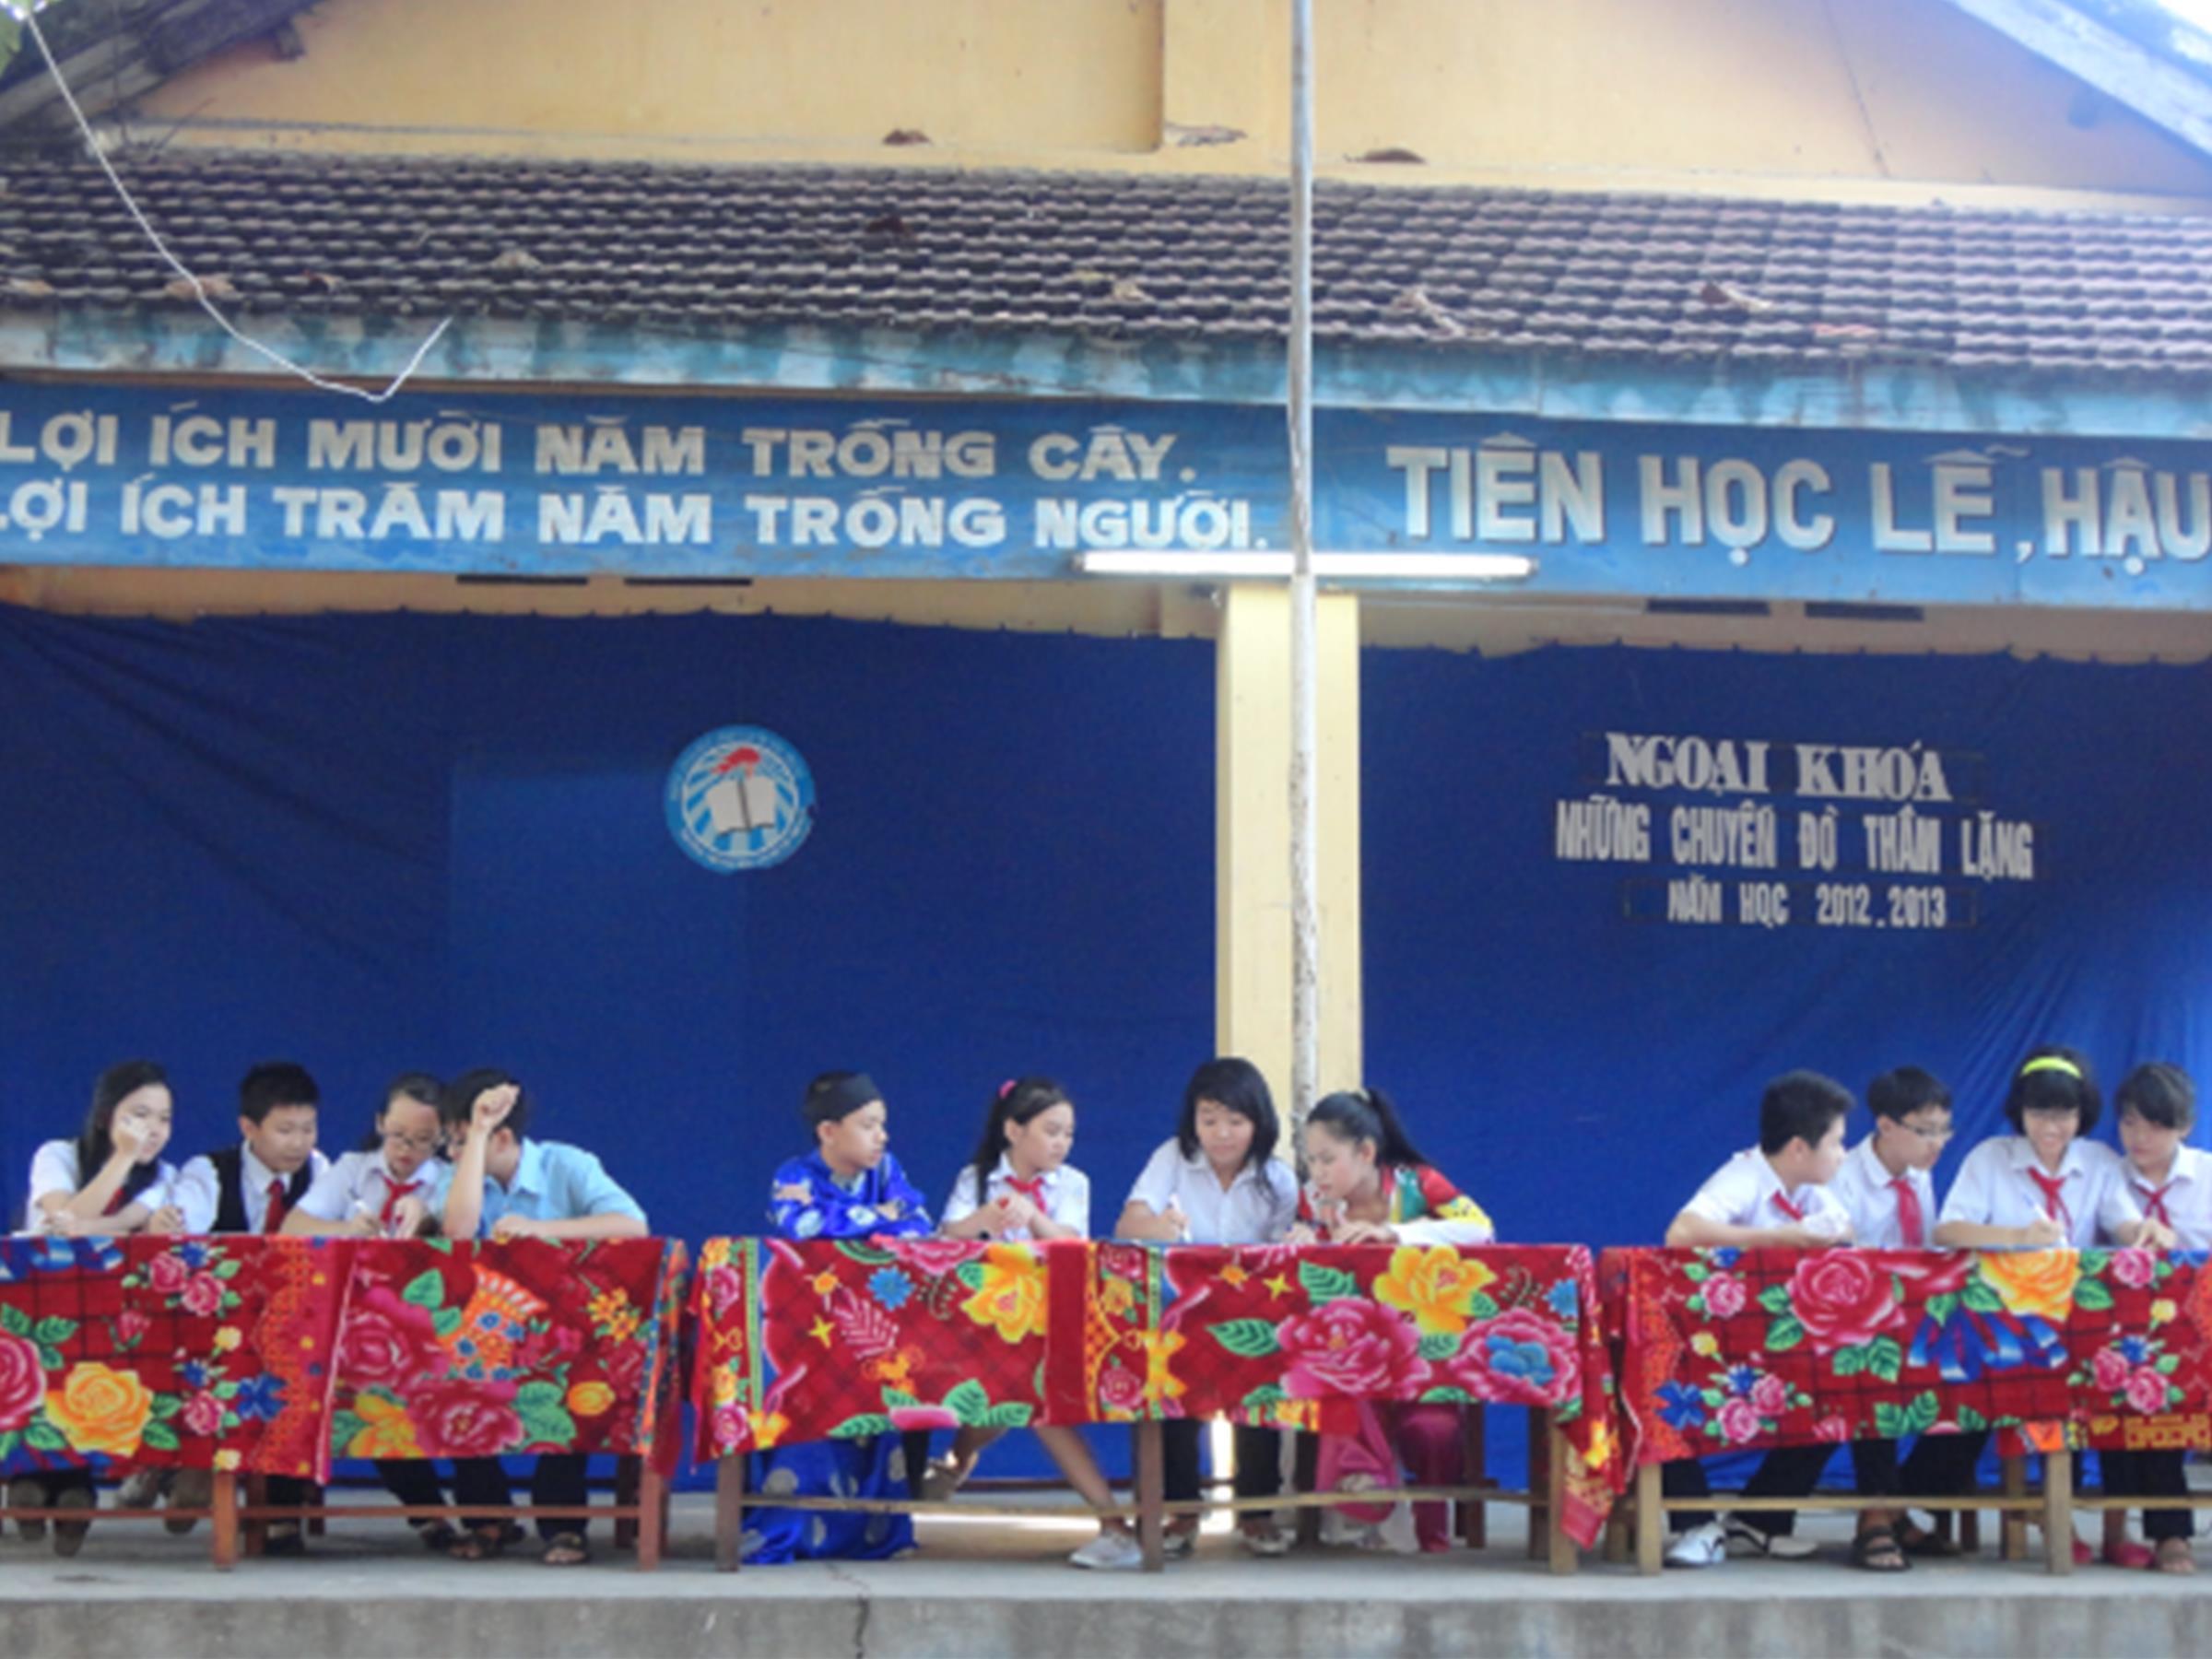 Hoạt động ngoại khoá chào mừng ngày 20.11.2012